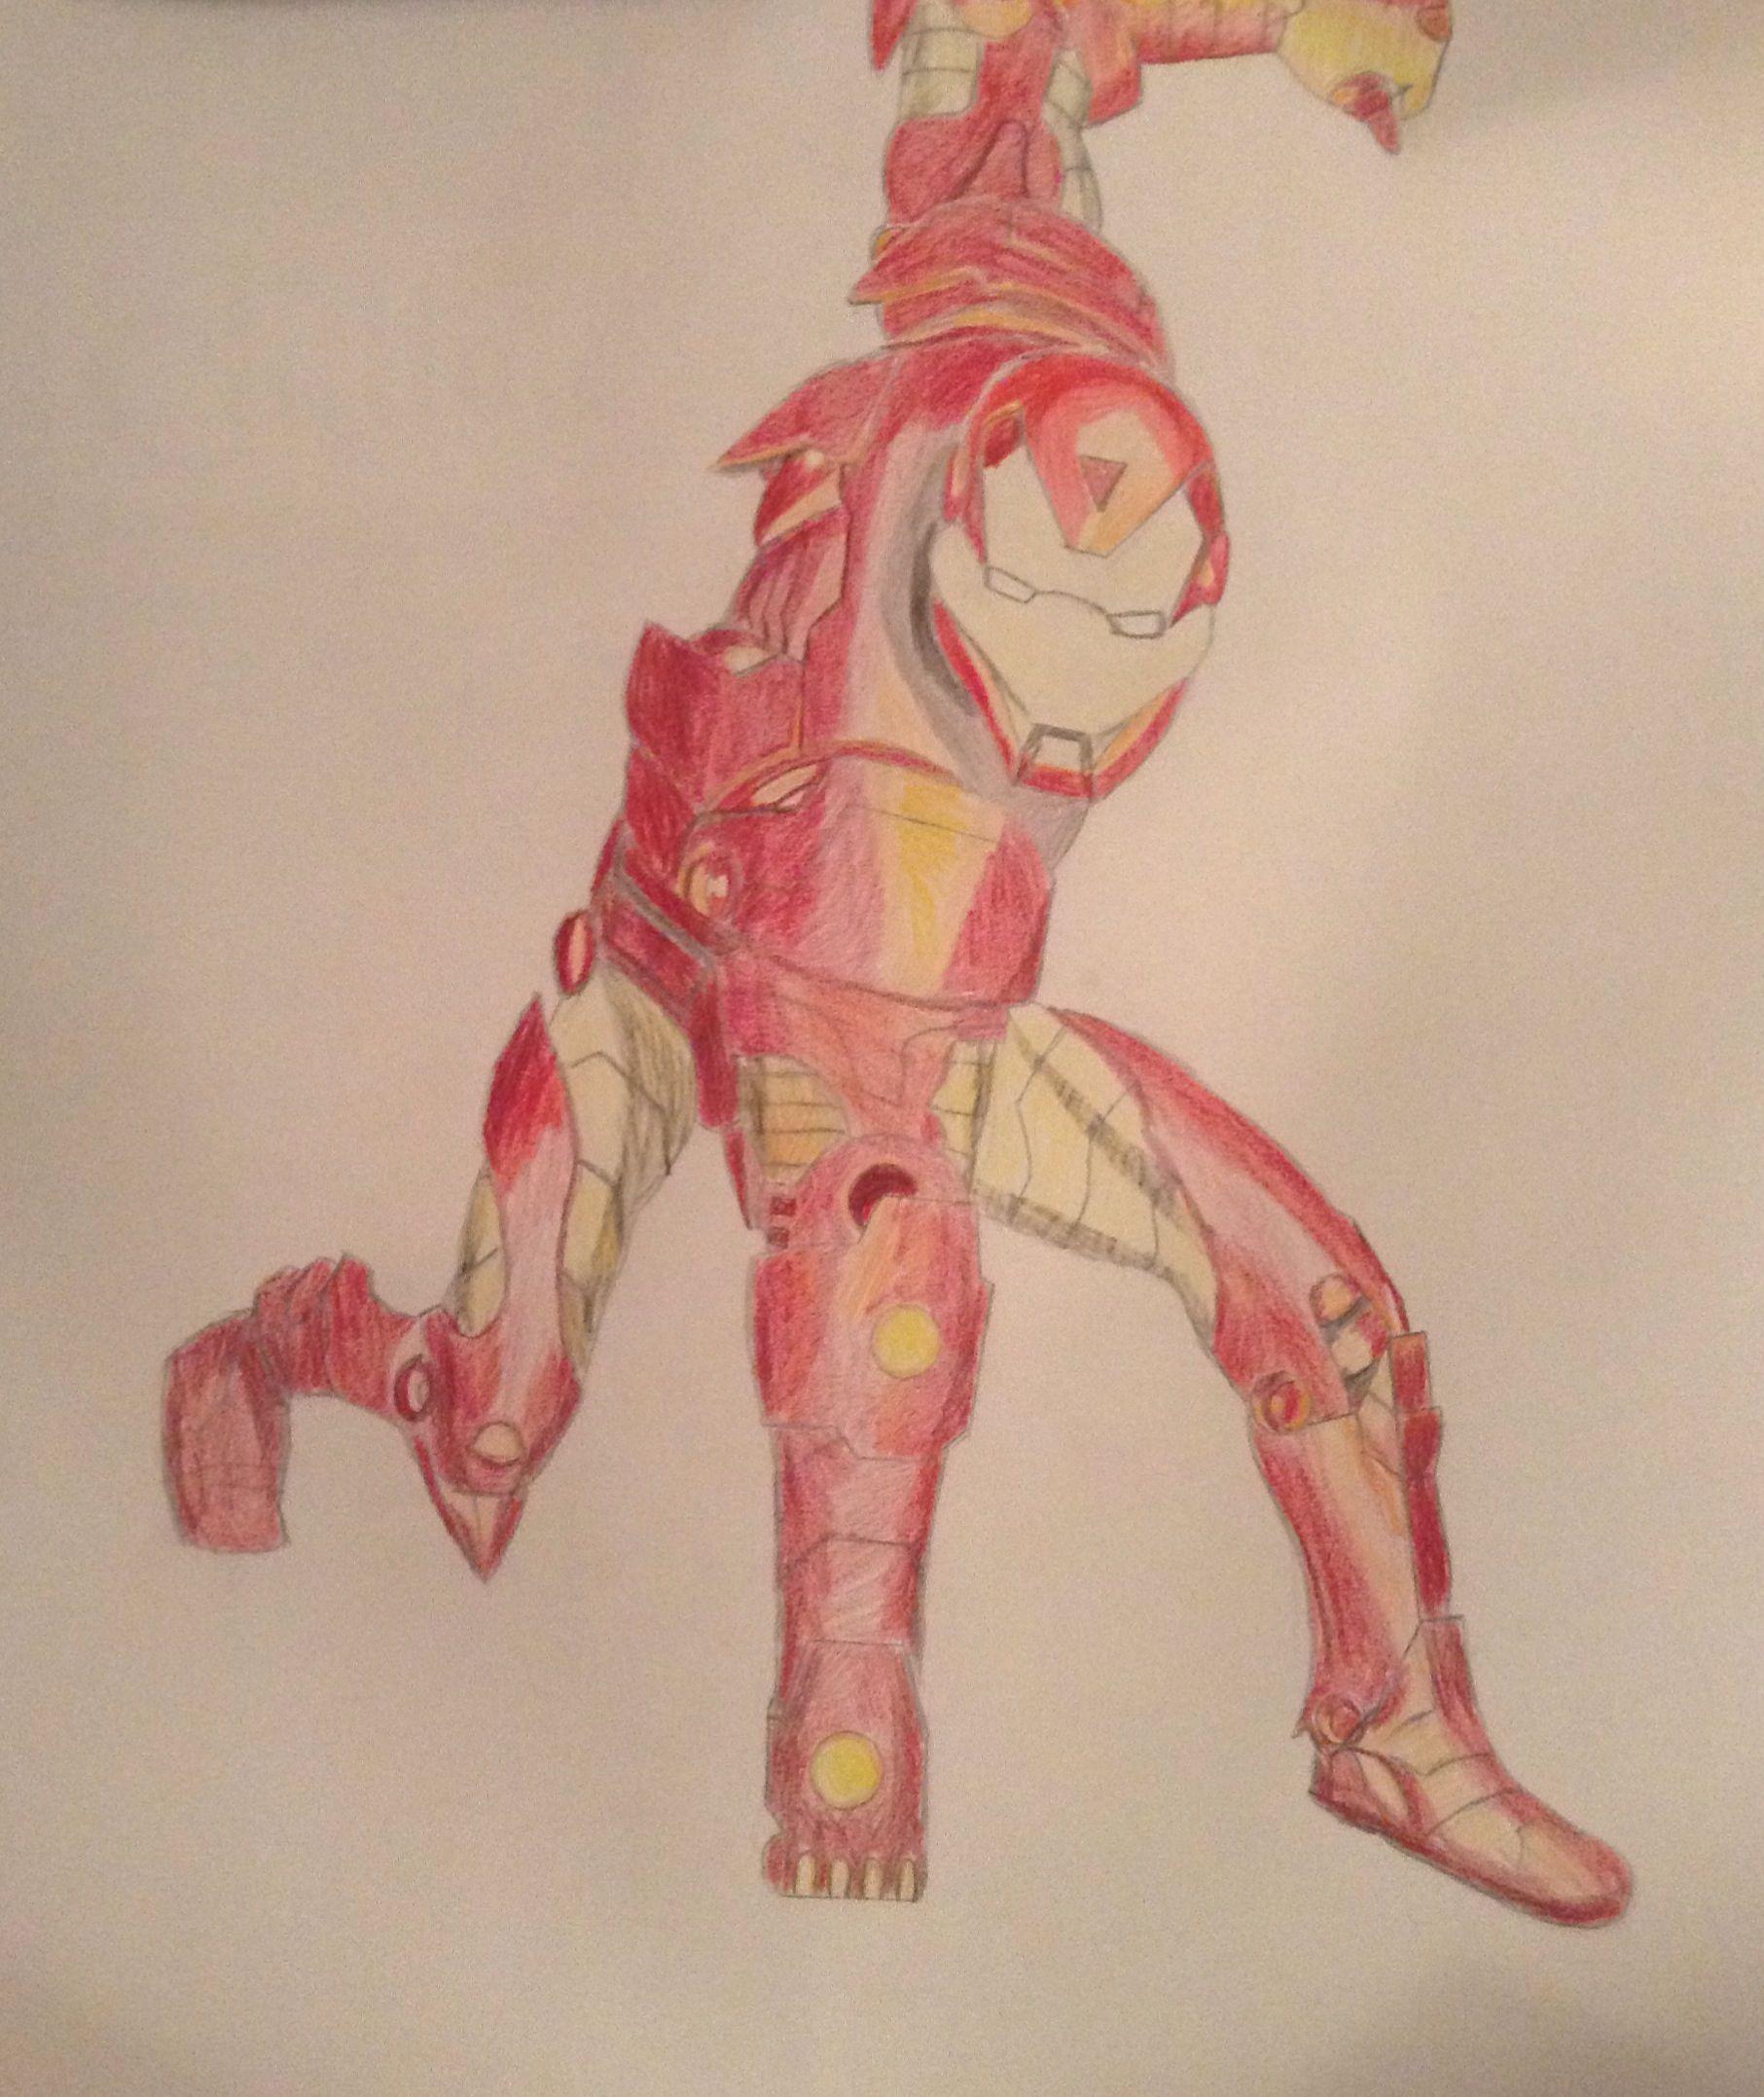 Iron man color pencil sketch